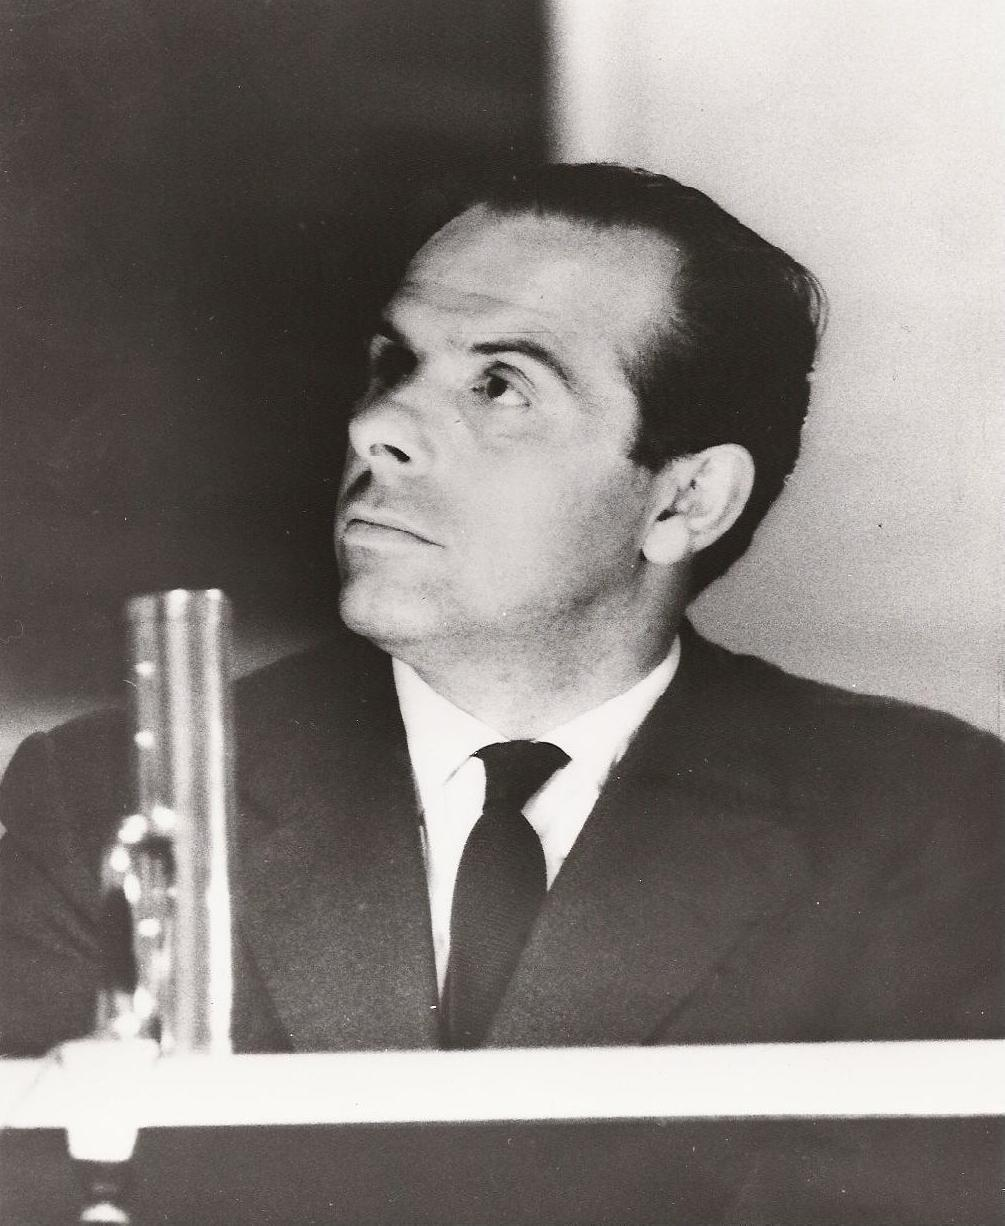 Photo Piero Piccioni via Opendata BNF